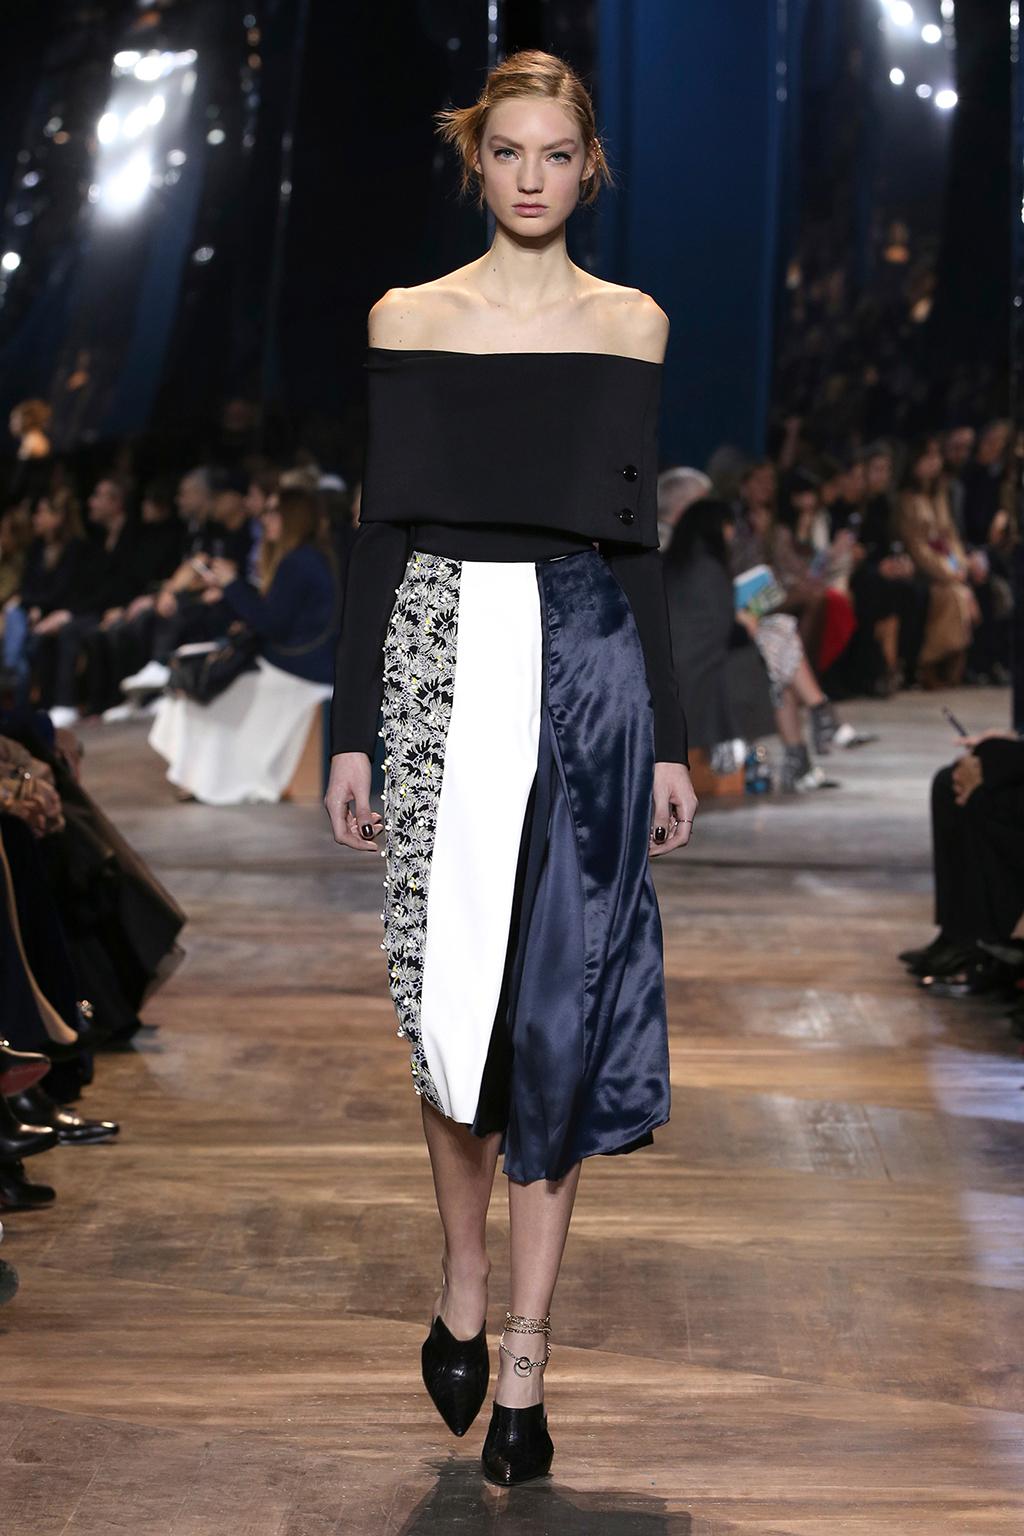 Dior-Couture-Silhouette-02